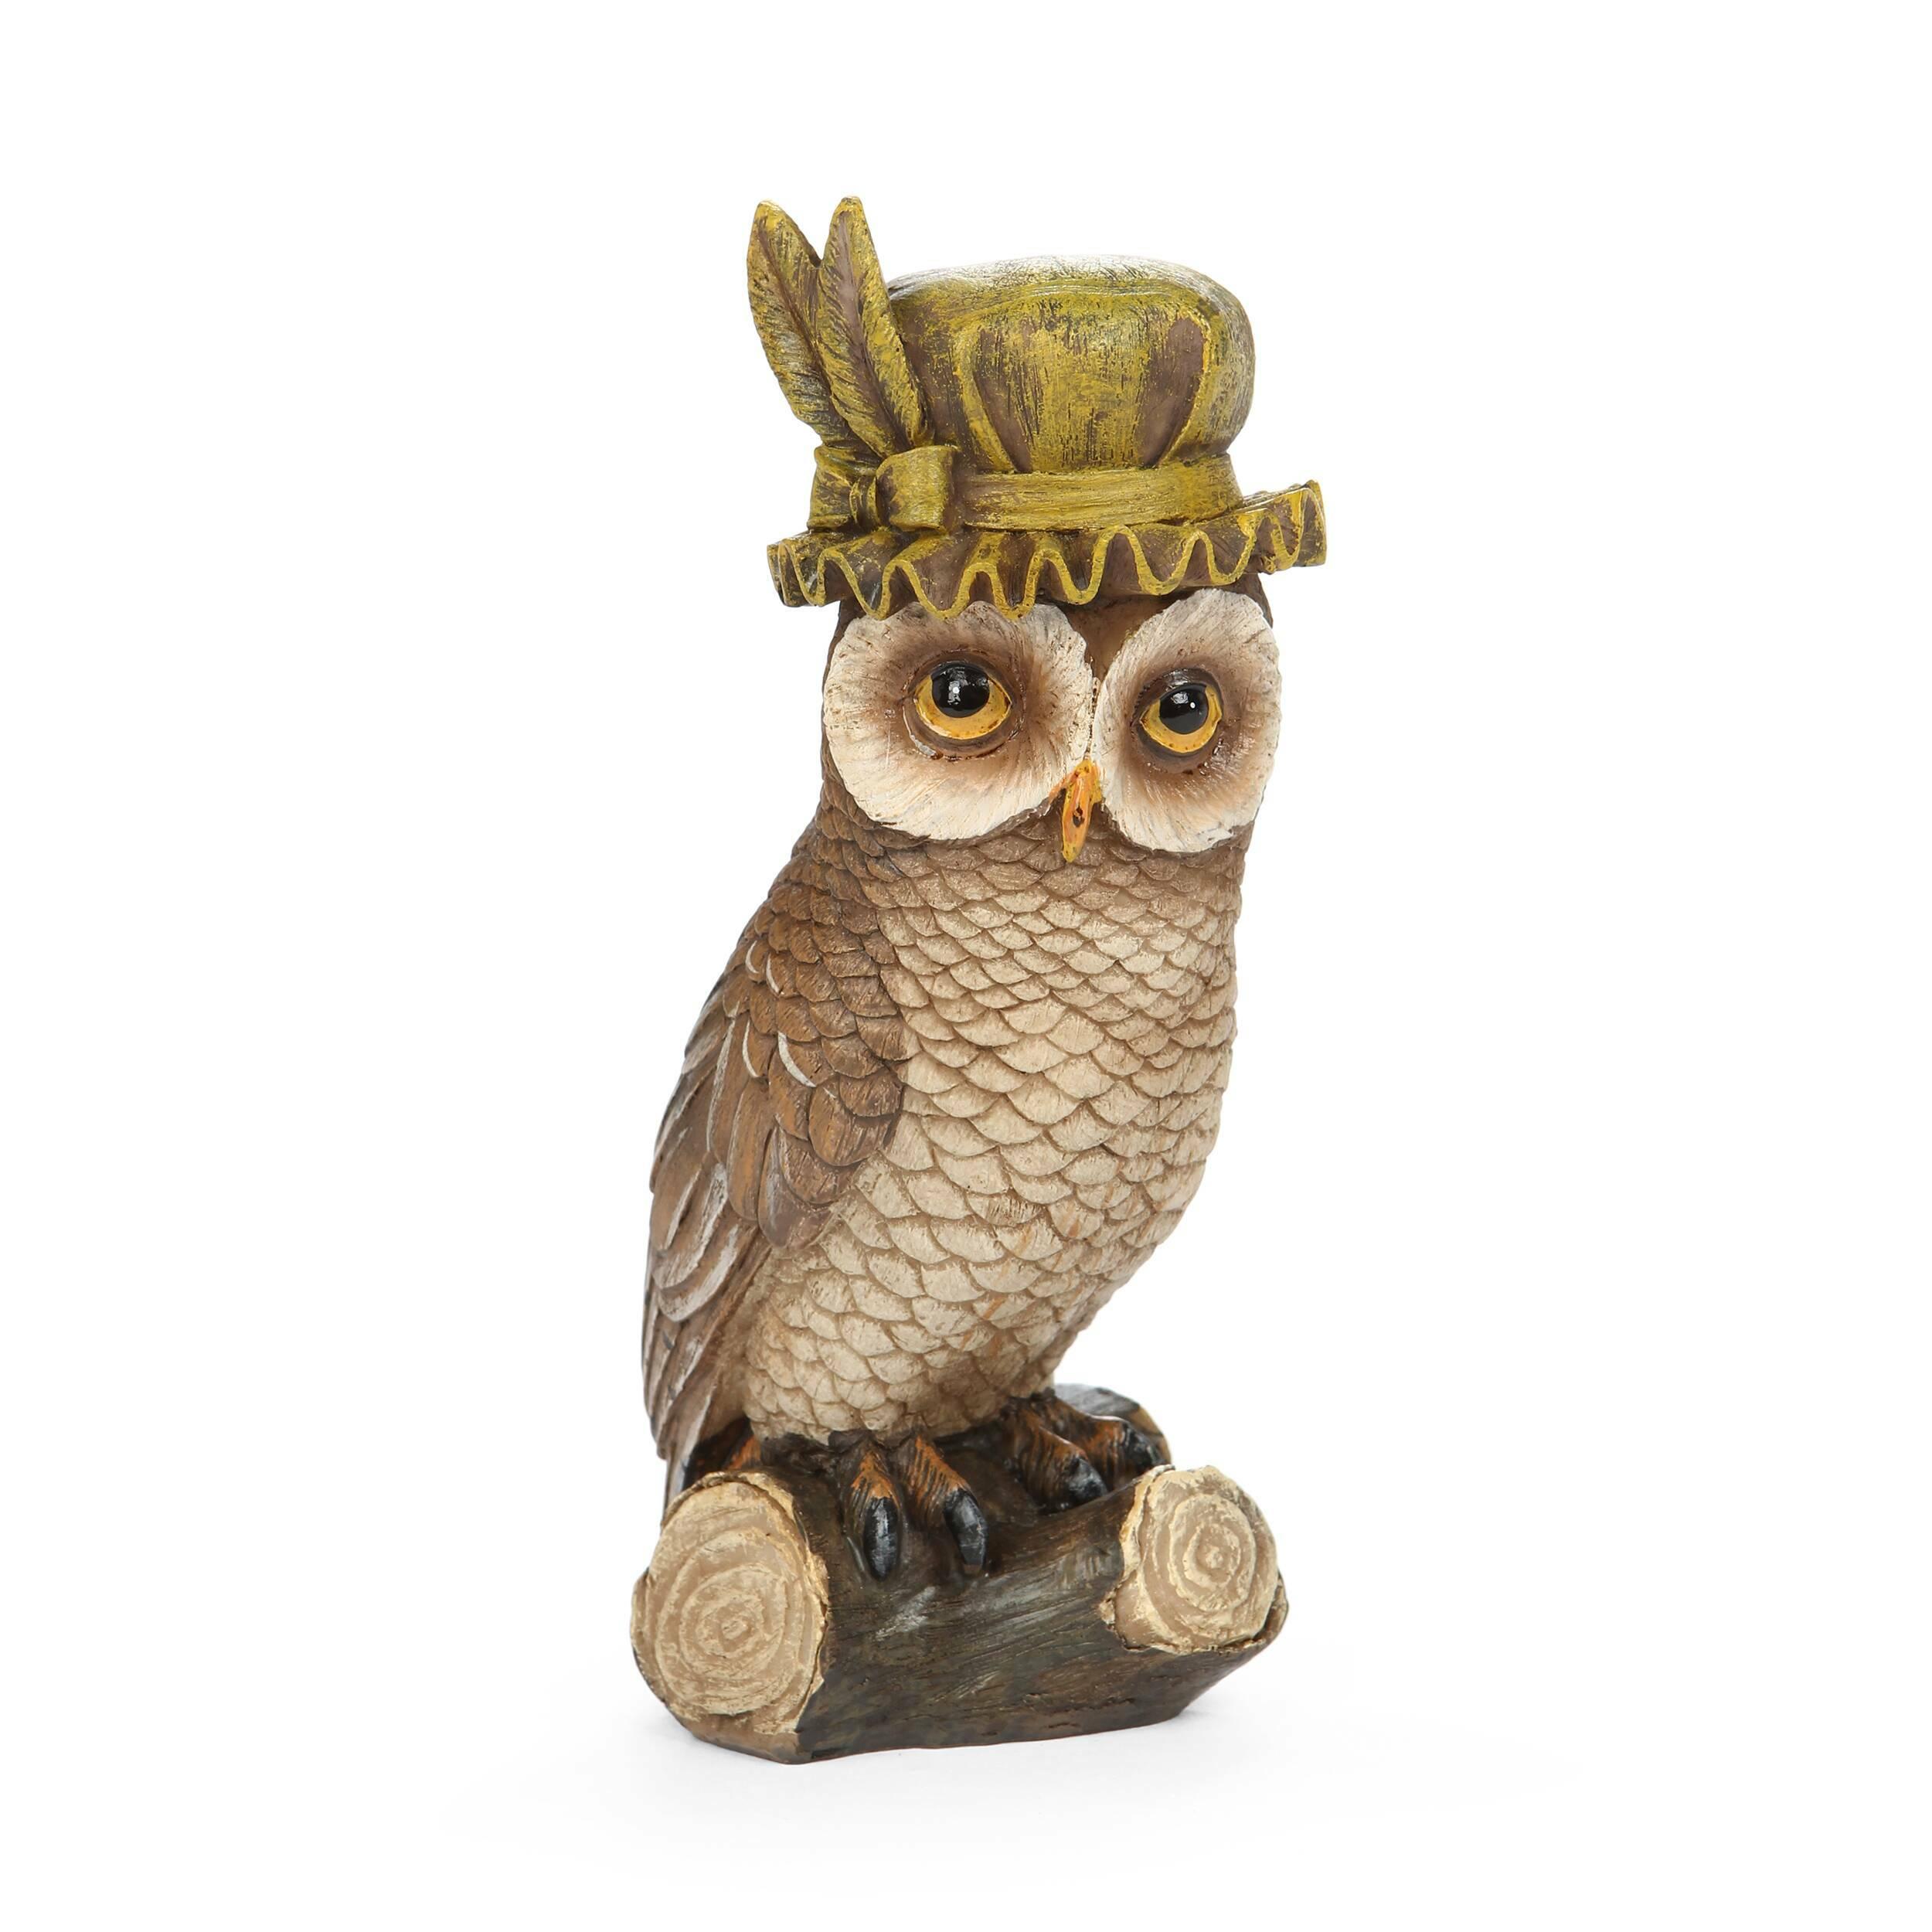 Статуэтка BonnetНастольные<br>Дизайнерская коричневая статуэтка Bonnet (Банит) из смолы в форме совы сидящей на бревне от Cosmo (Космо).<br><br><br><br> Любителям веселого или забавного стиля в интерьере всегда в радость интересные сочетания, необычные фигурки и забавные панно. Главное, чтобы декоративные элементы заставляли любого наблюдателя улыбнуться и всегда поднимали настроение. Не стоит бояться экспериментов — именно в них рождаются замечательные дизайны и самая жизнерадостная домашняя обстановка. Особенно хорошо такой ...<br><br>stock: 4<br>Высота: 16.1<br>Ширина: 5.9<br>Материал: Смола<br>Цвет: Коричневый<br>Длина: 8.5<br>Цвет дополнительный: Красный, зеленый